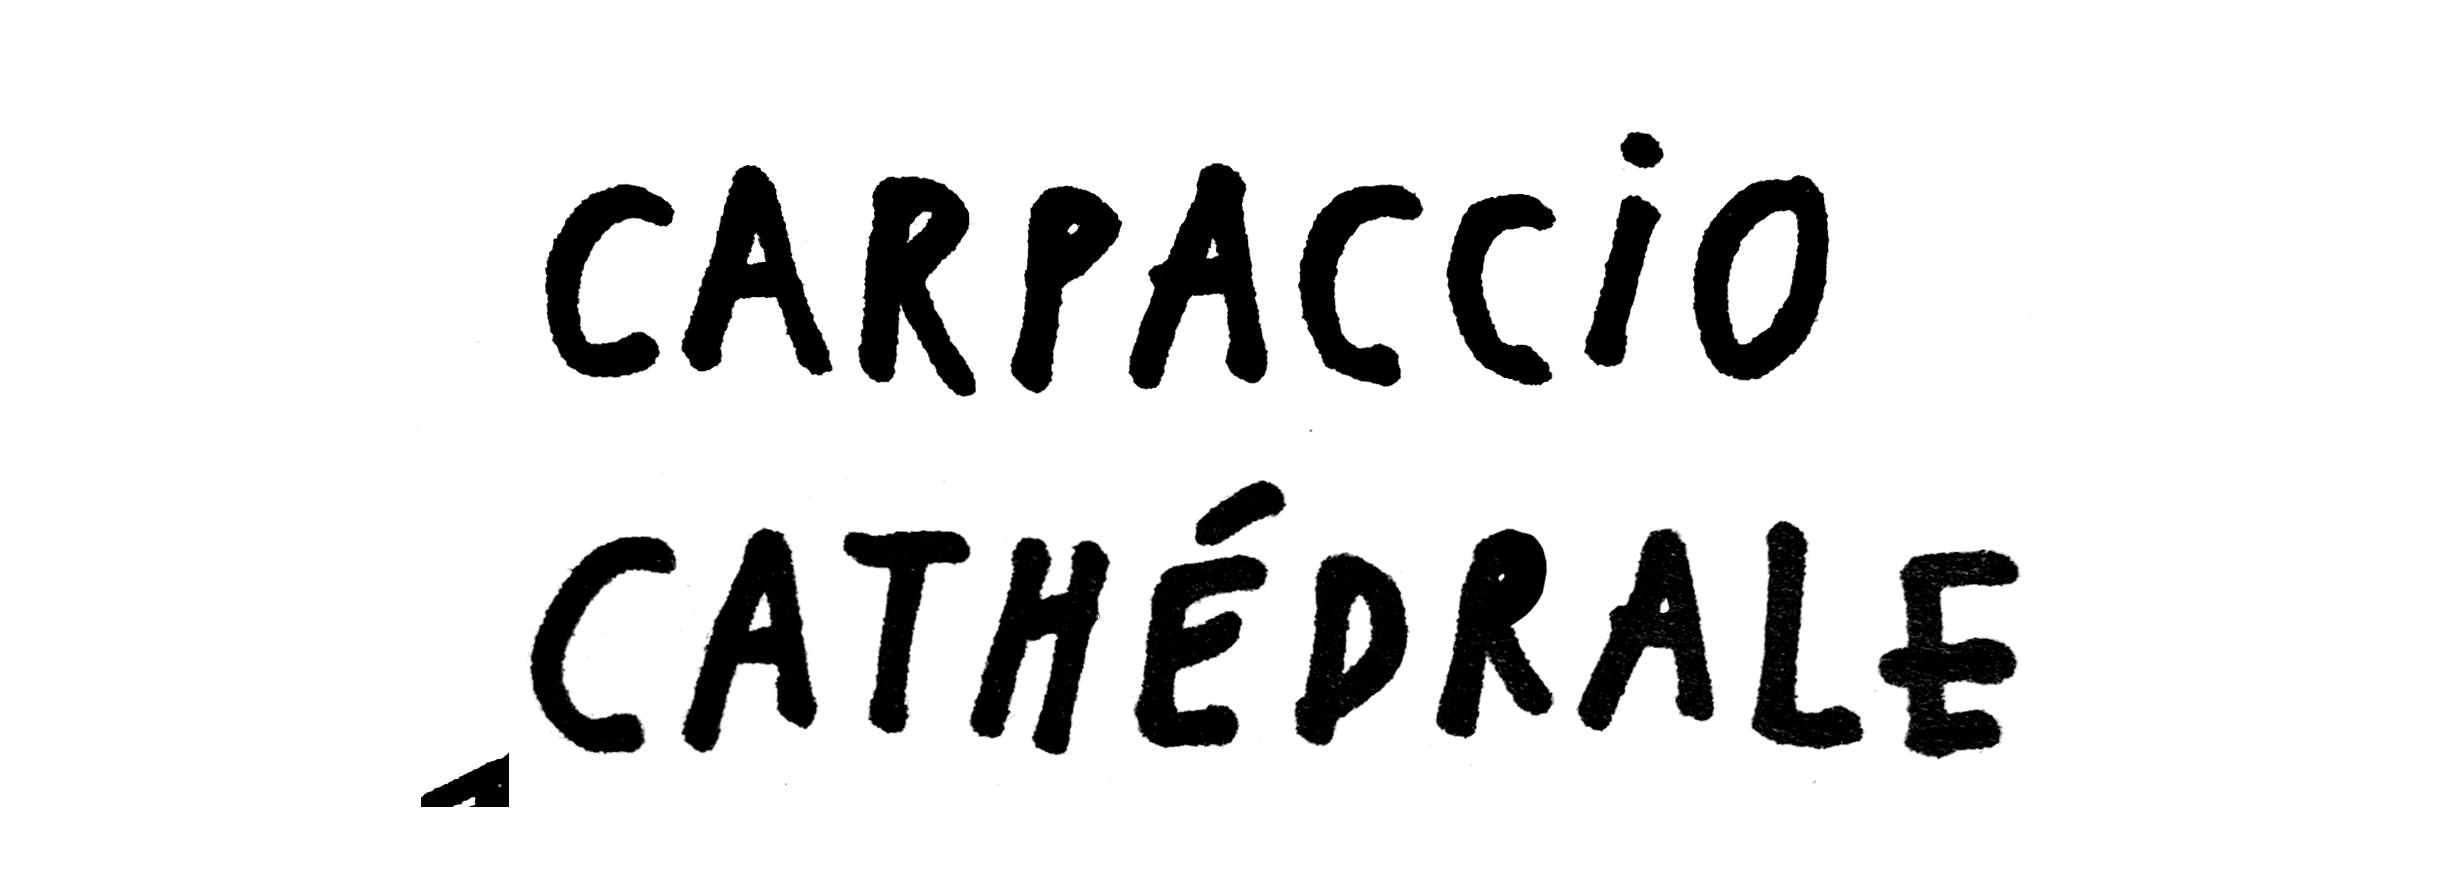 Carpaccio Cathédrale